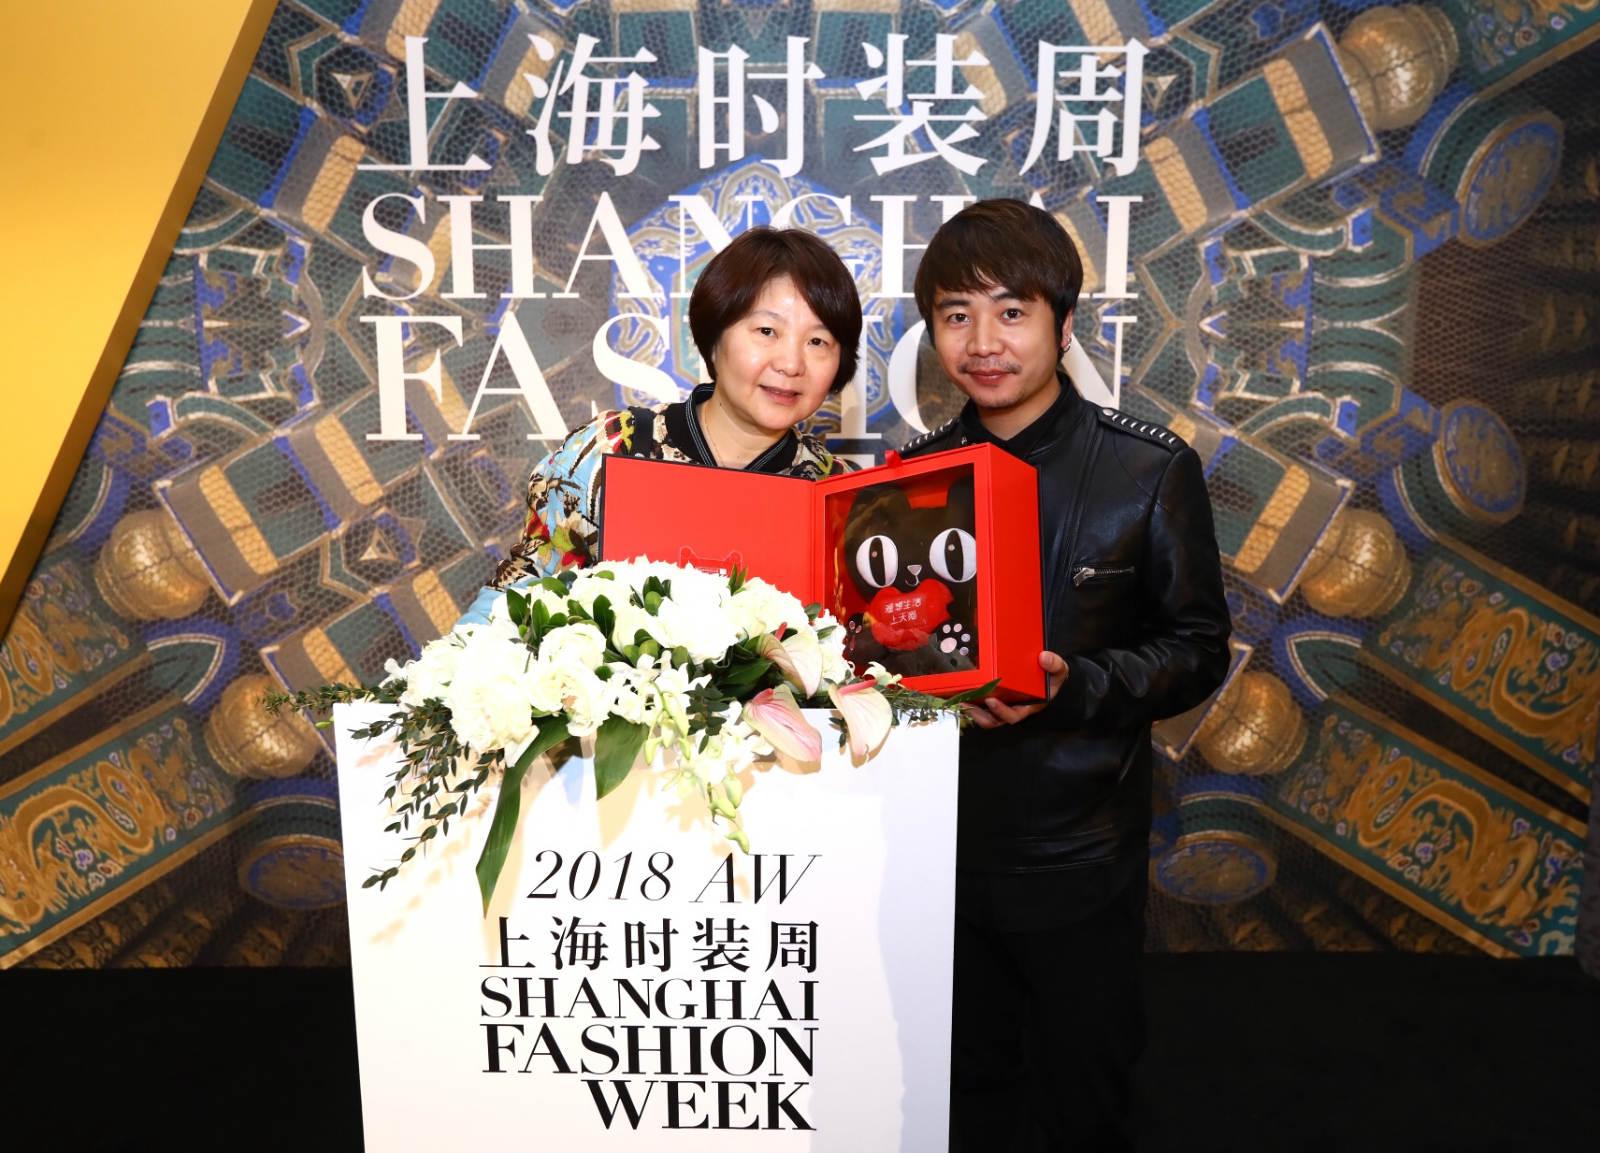 天猫和上海时装周战略合作 来看云上时装周